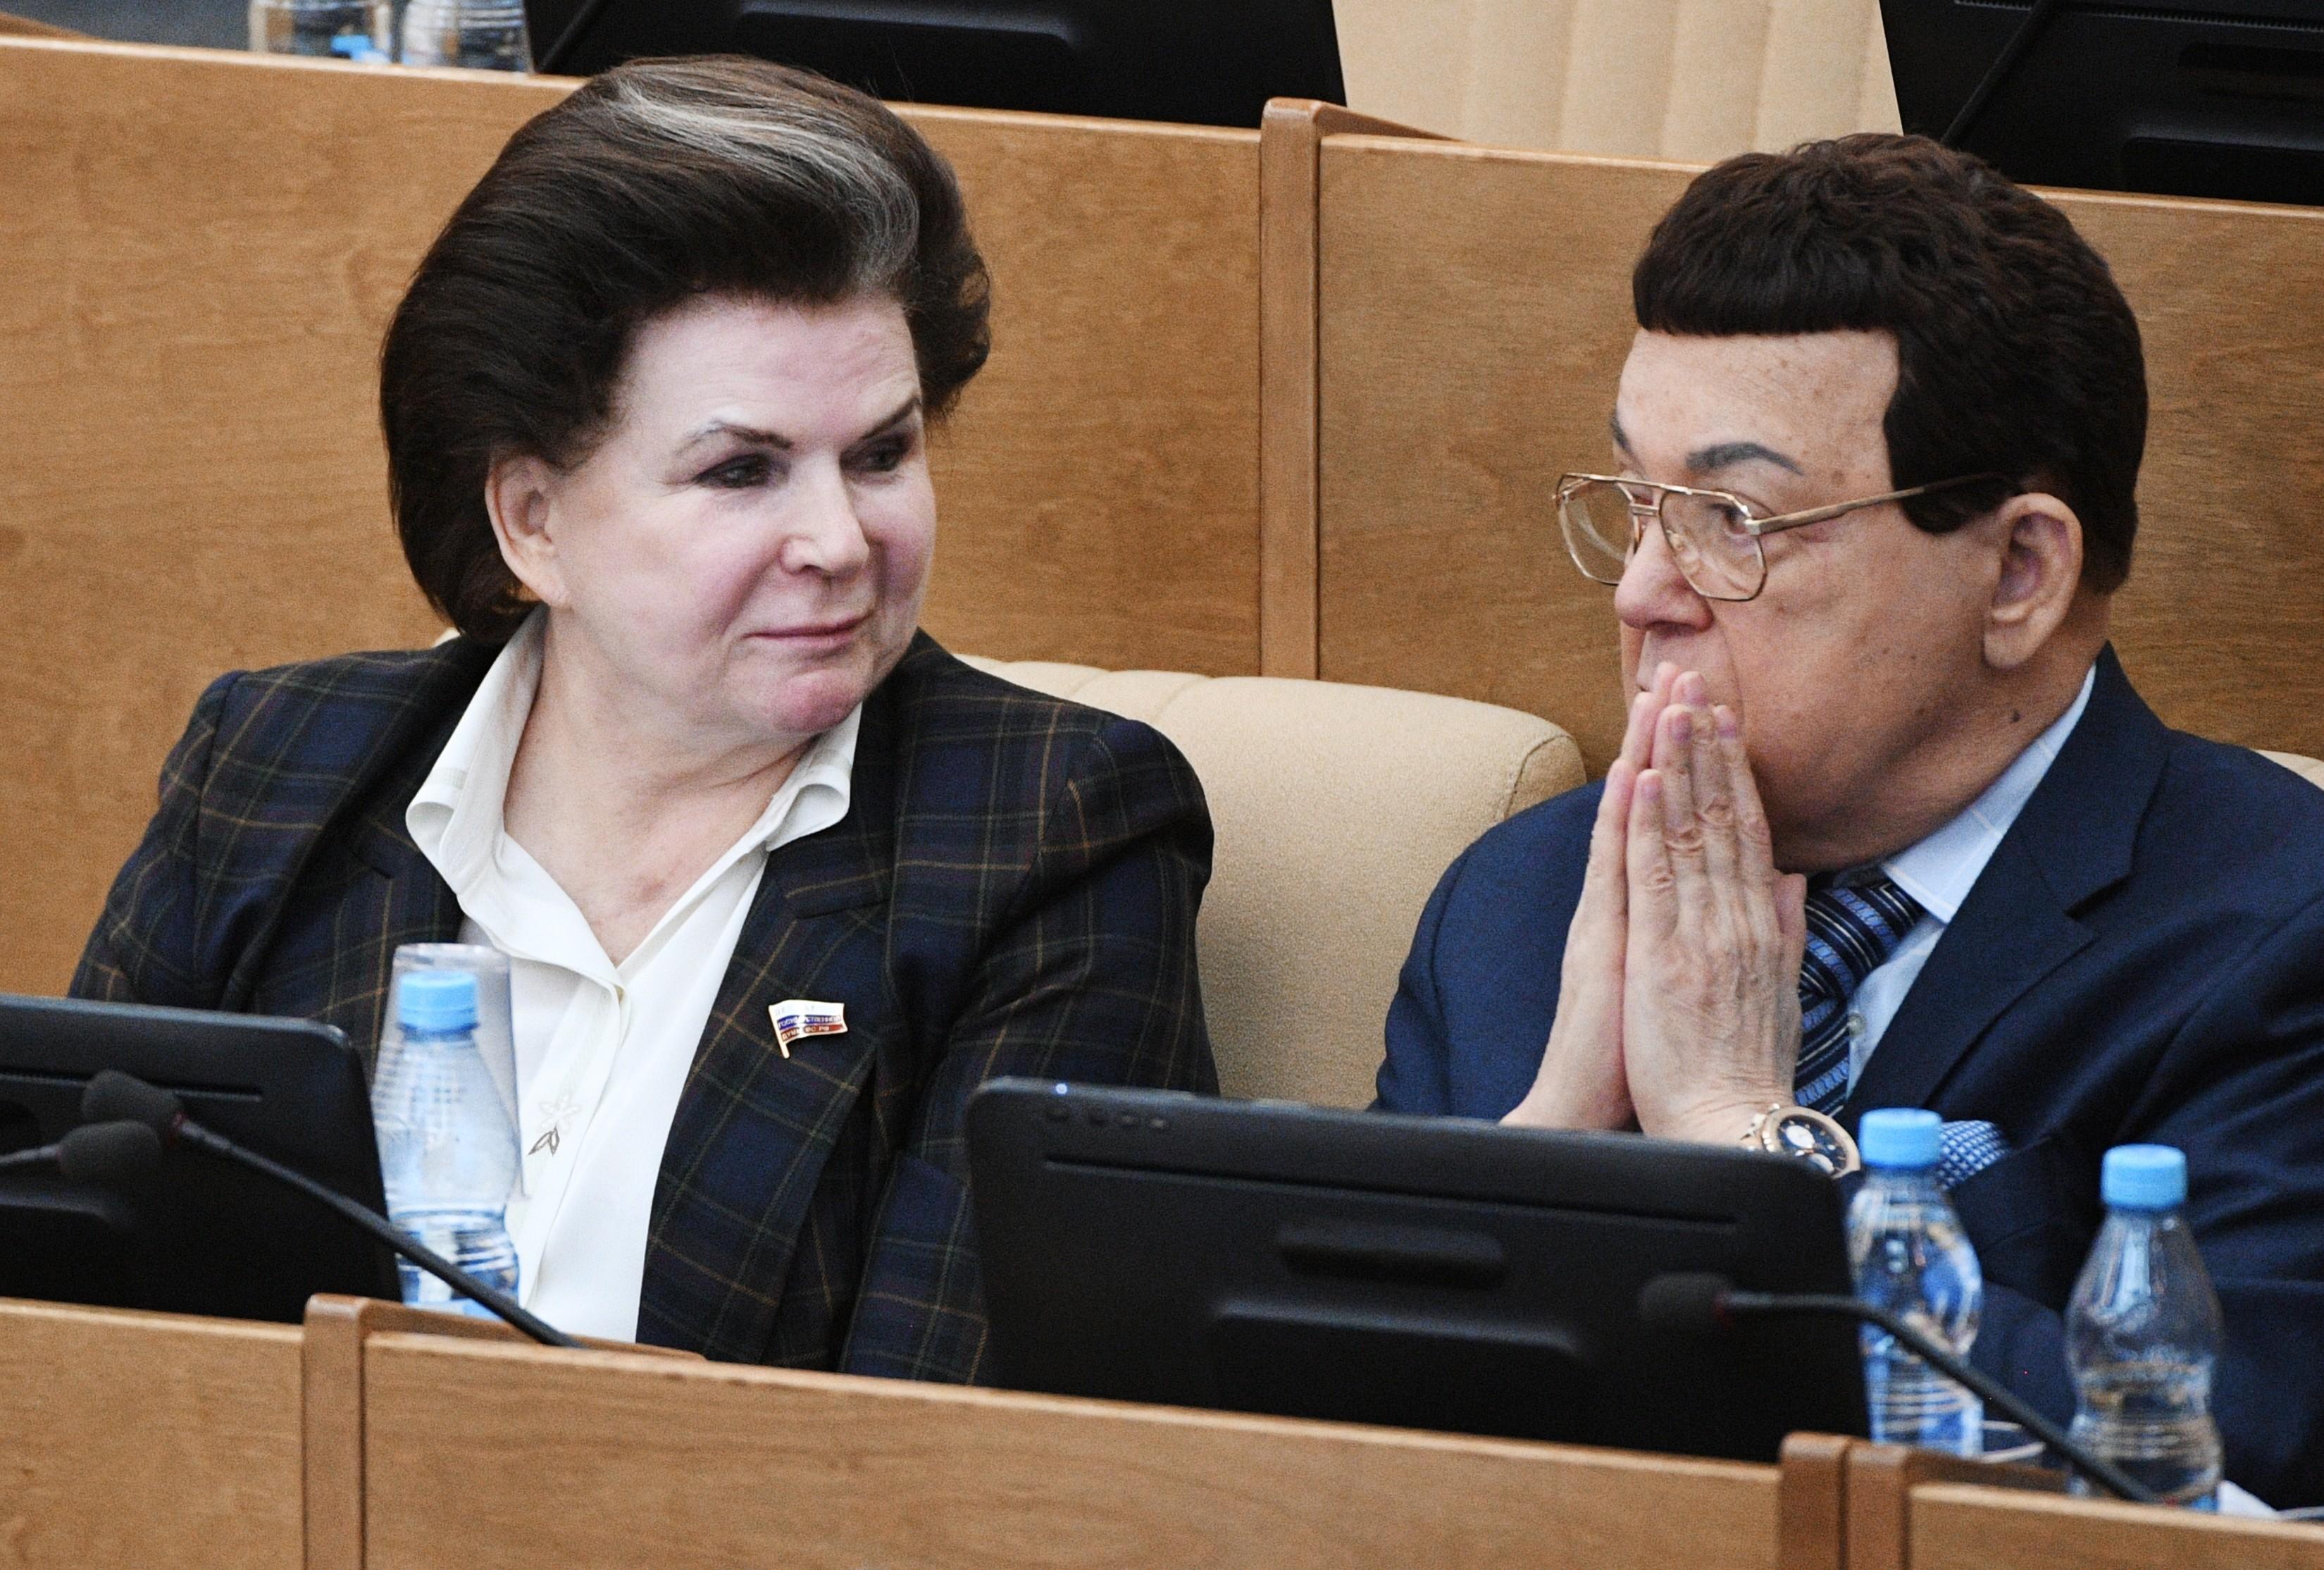 <p>Валентина Терешкова и Иосиф Кобзон. Фото: &copy; РИА Новости/Владимир Федоренко</p>